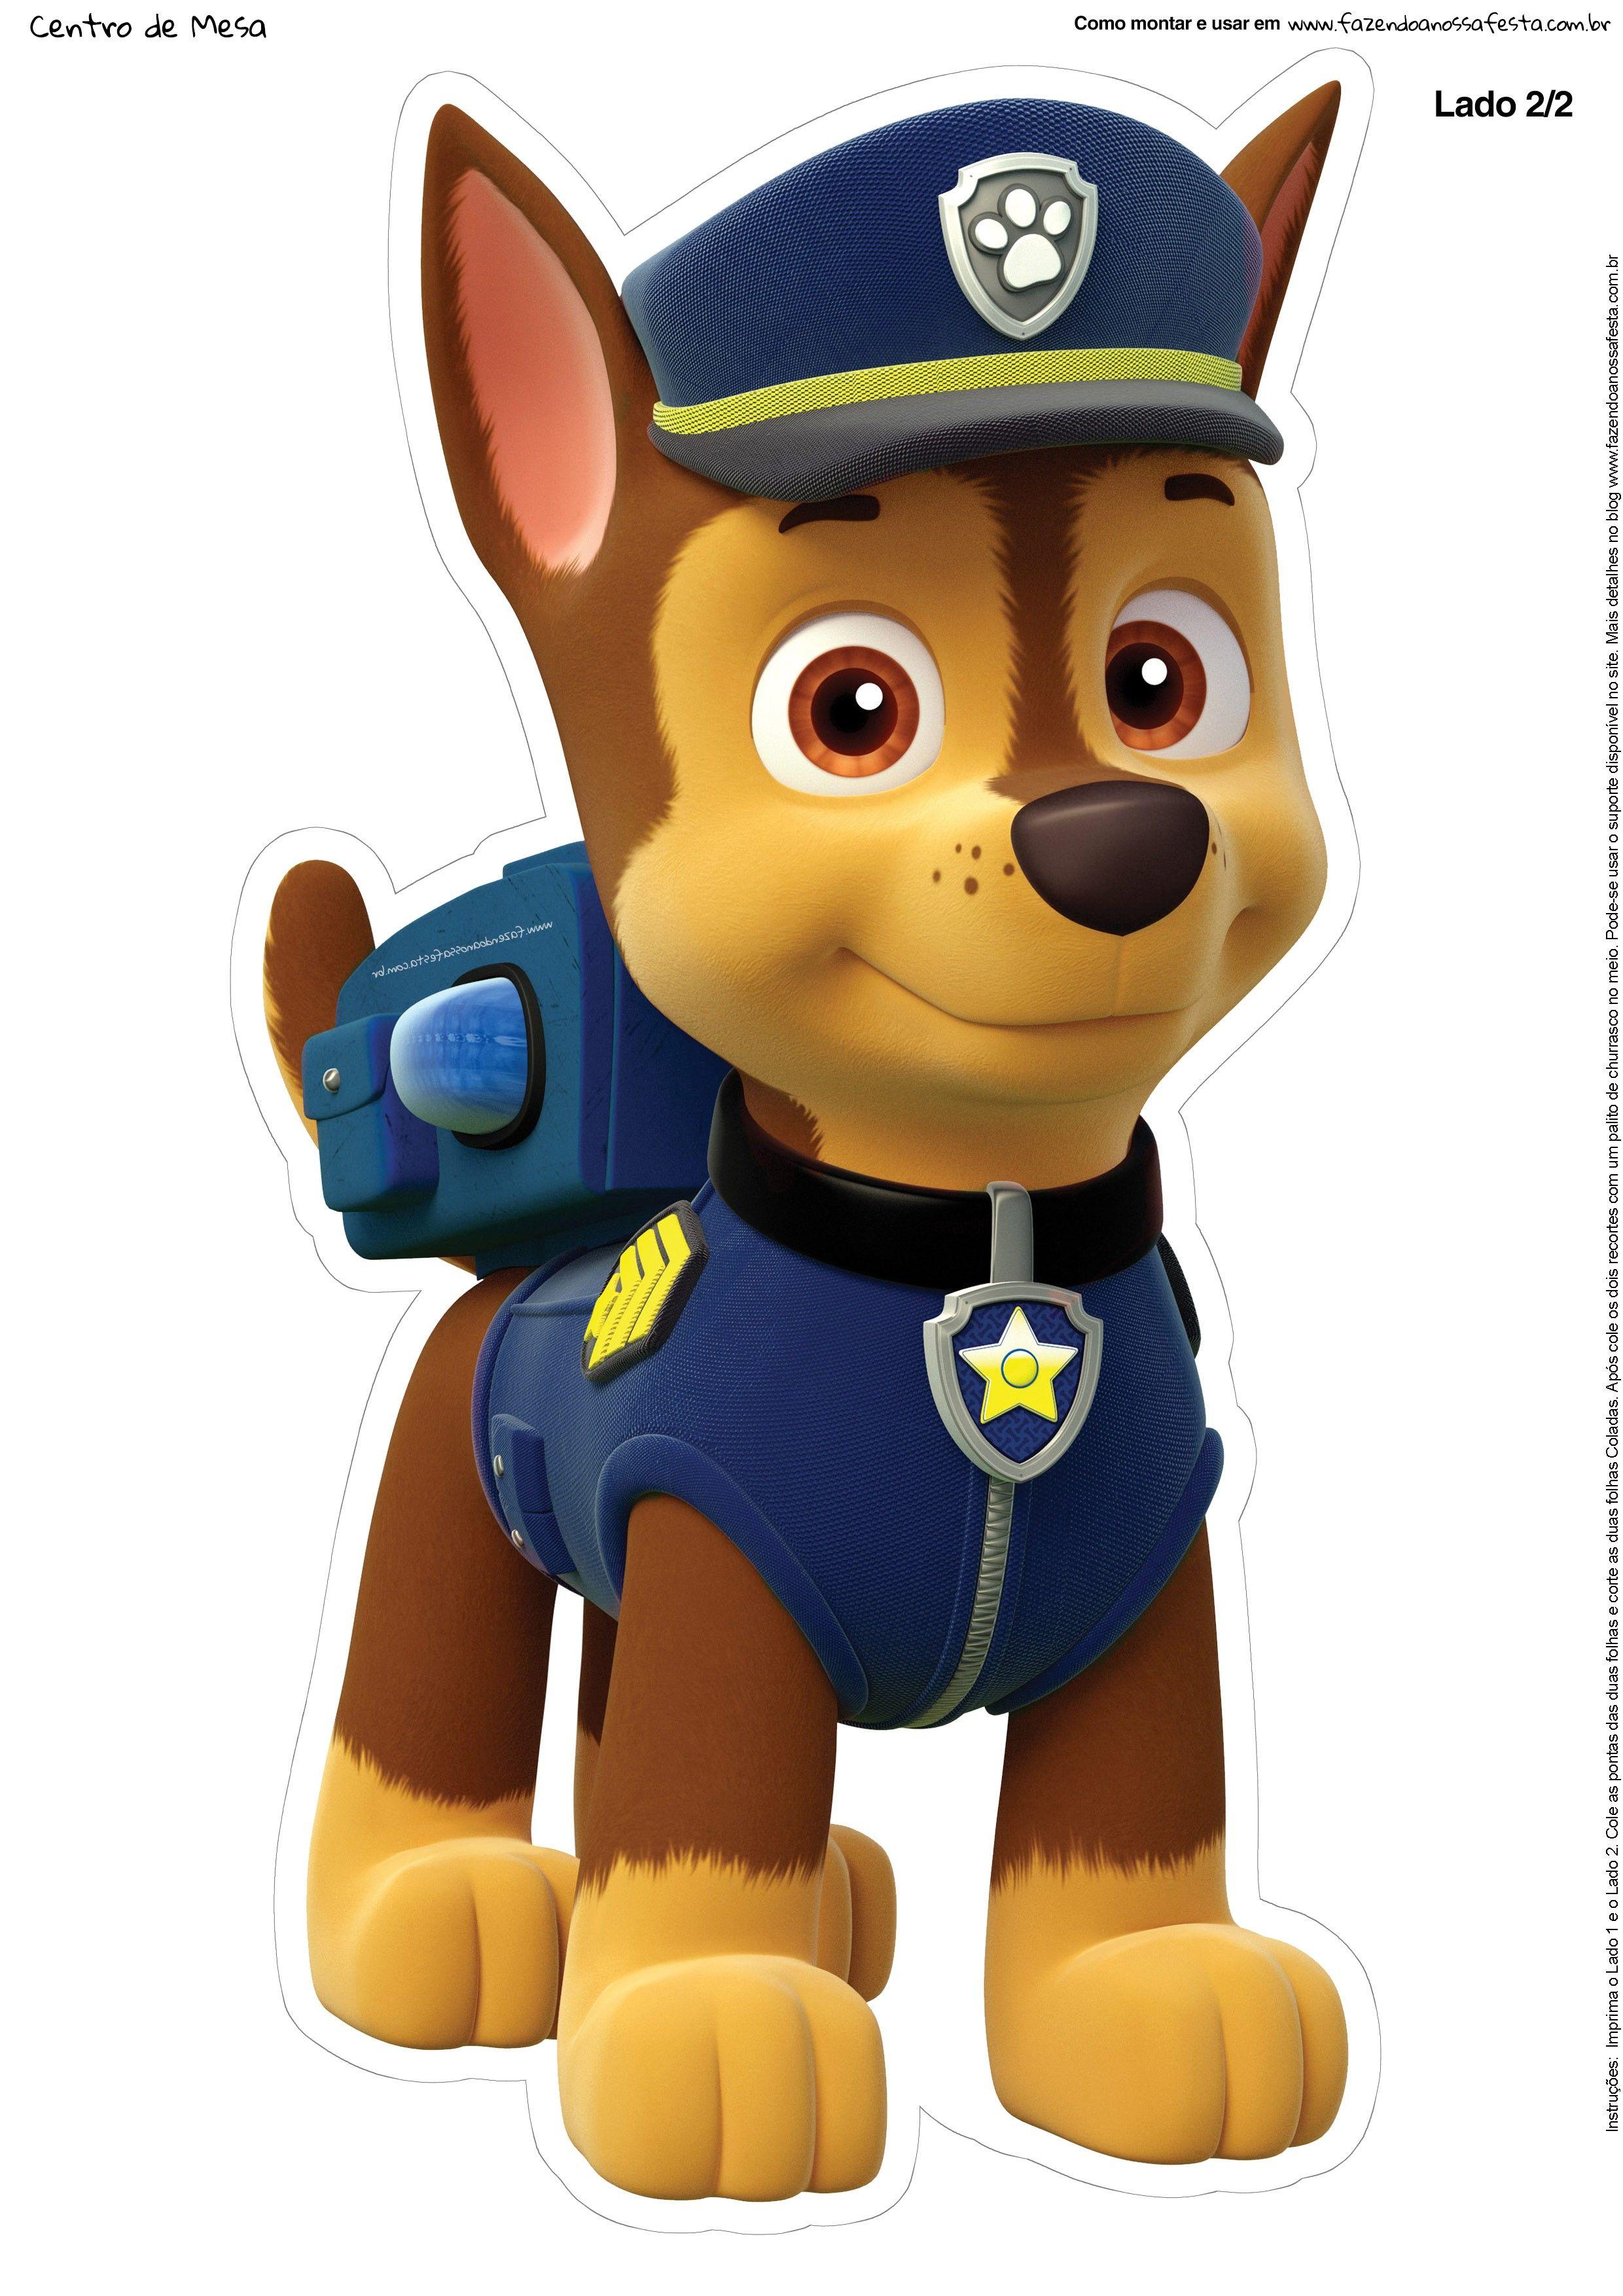 Centro de mesa patrulha canina chase 2 1 paw patrol - Mesa patrulla canina ...